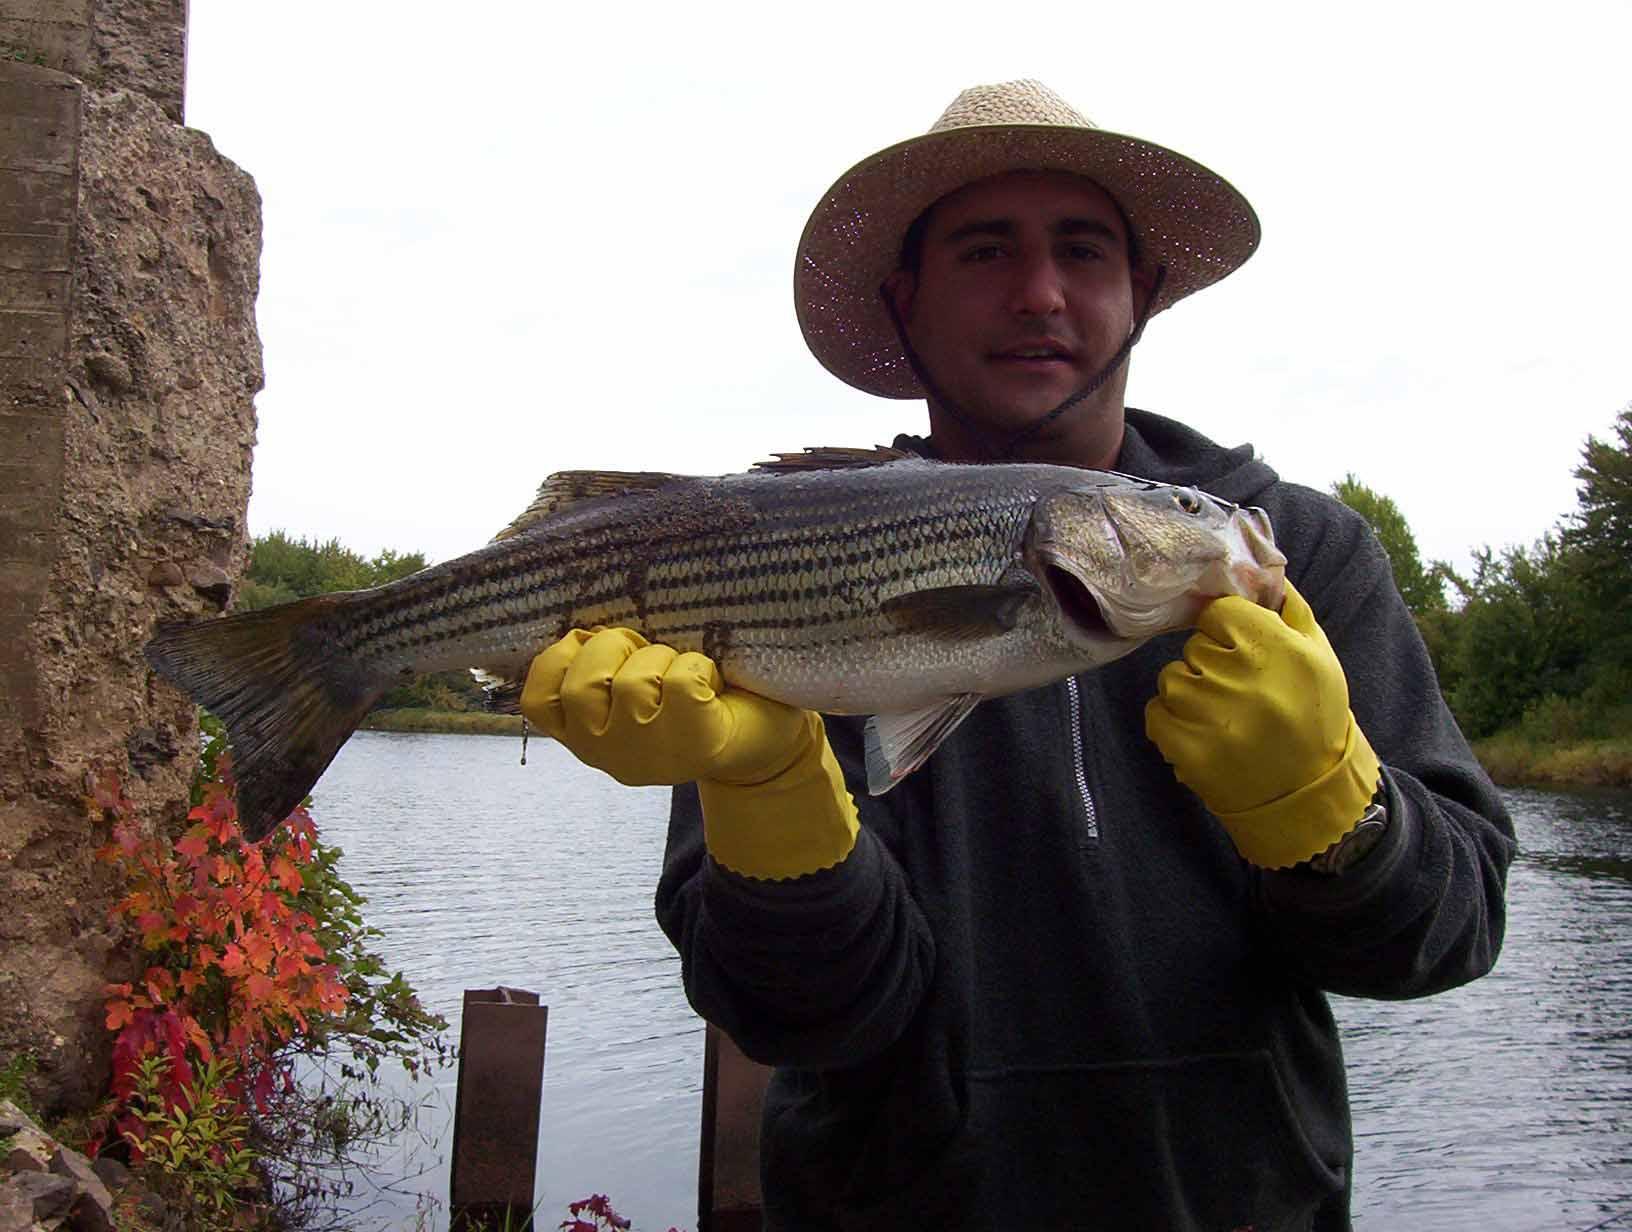 Лаврак - рыба-деликатес: описание, образ жизни, выращивание и рецепты приготовления